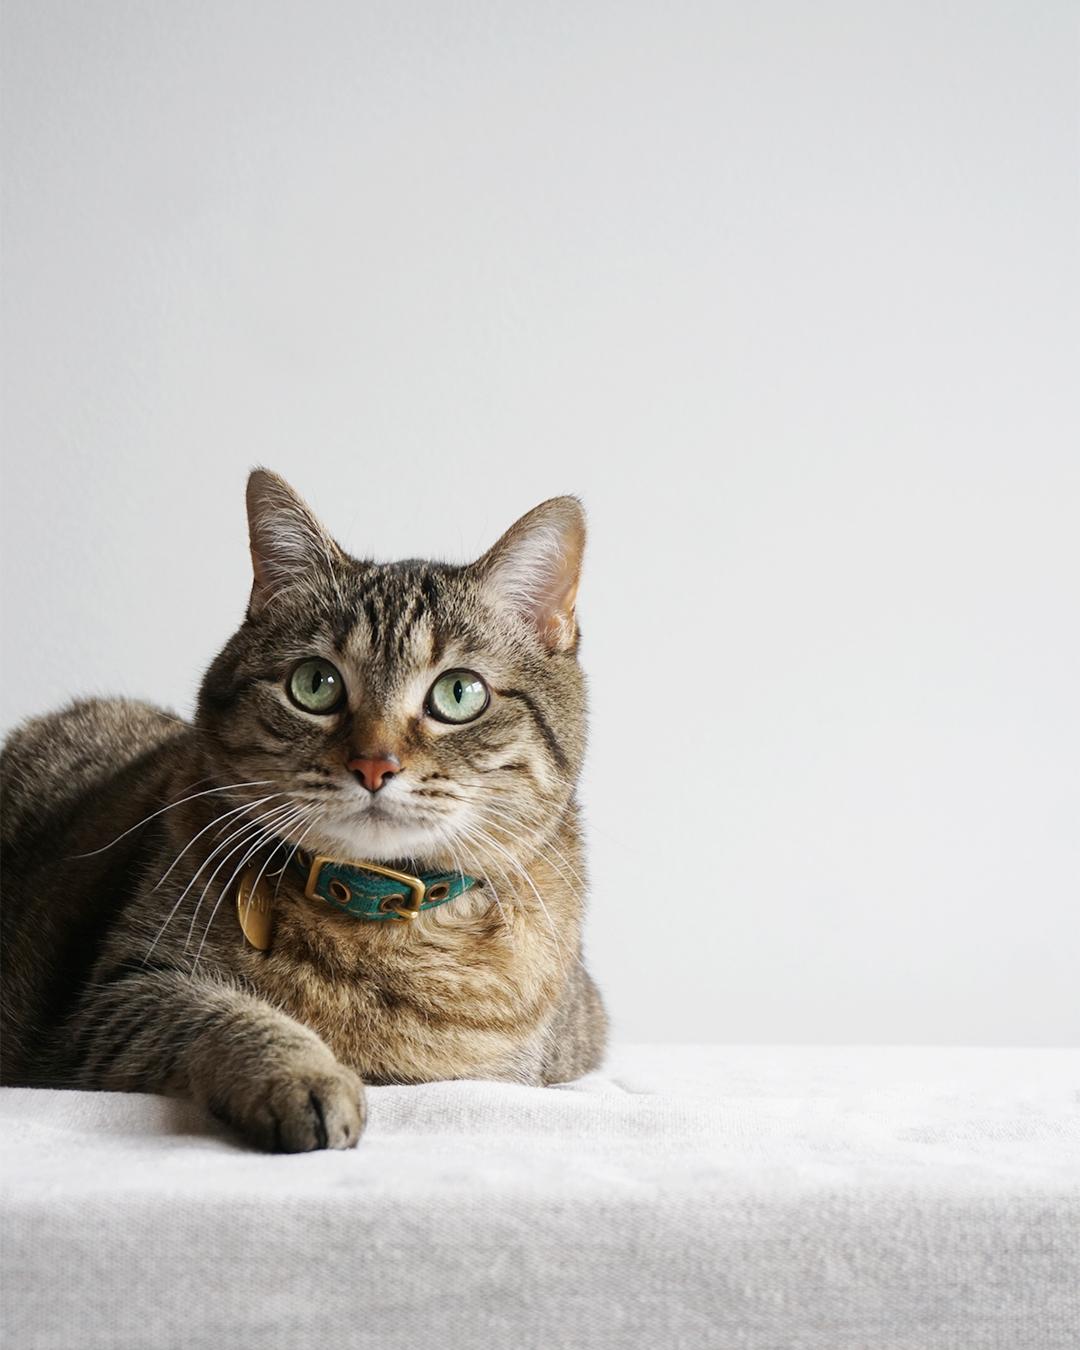 Rory Cat